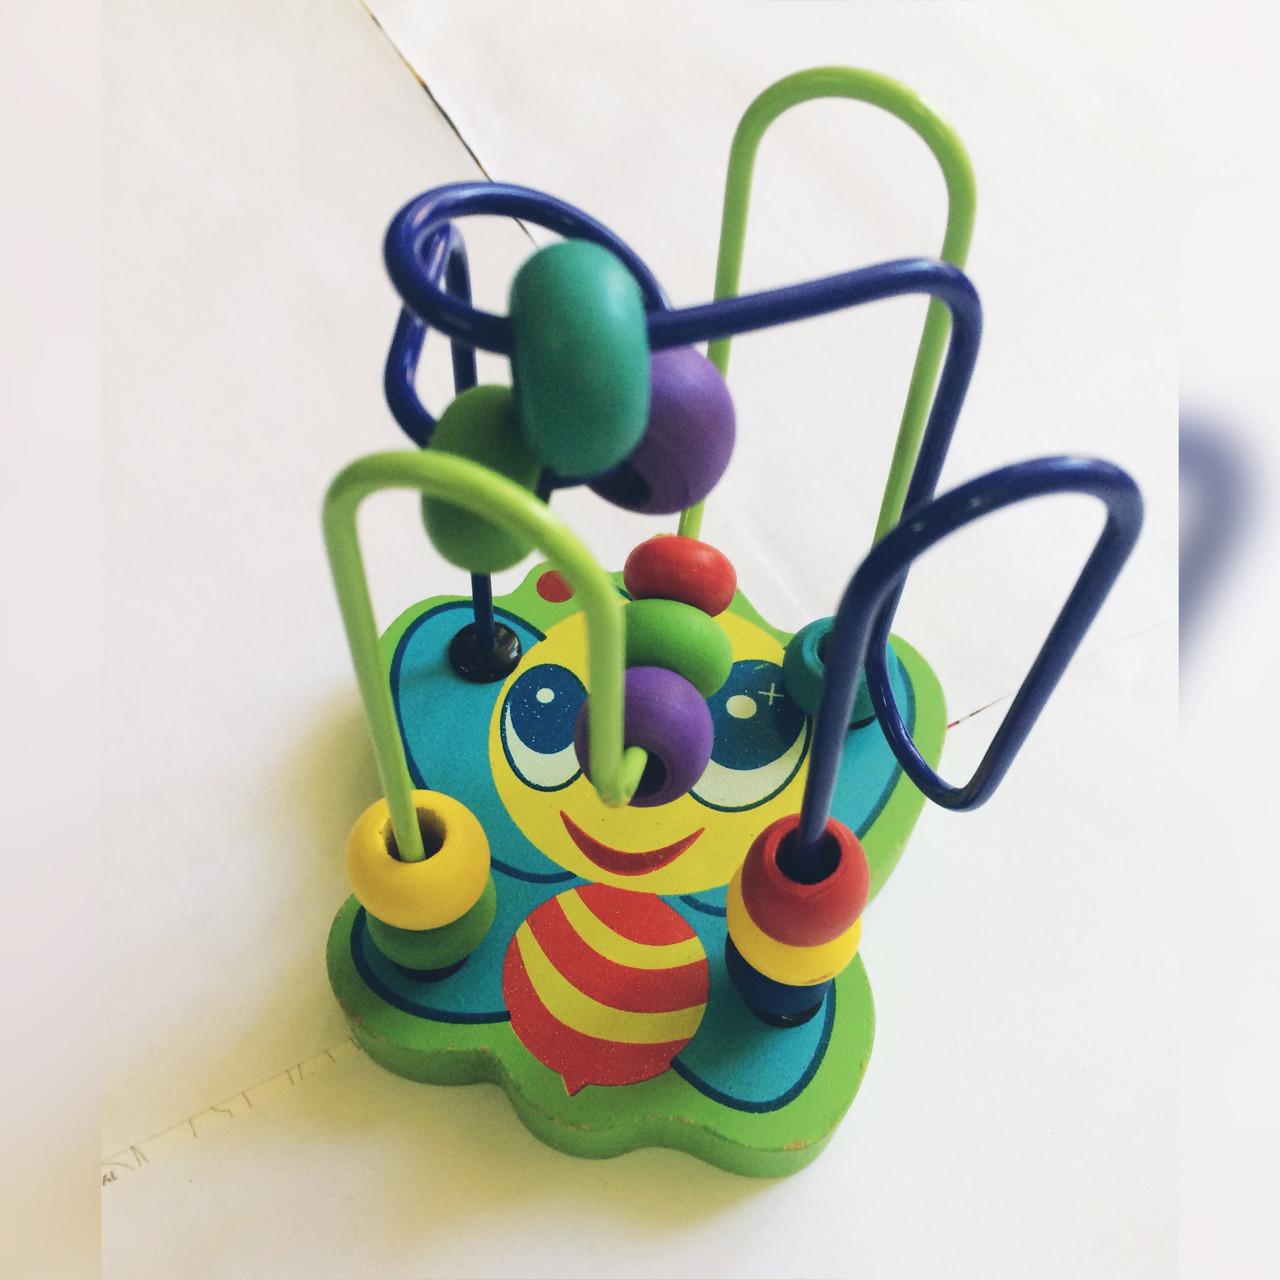 Деревянный пальчиковый мини-лабиринт для  развития мелкой моторики. Развивающие игрушки